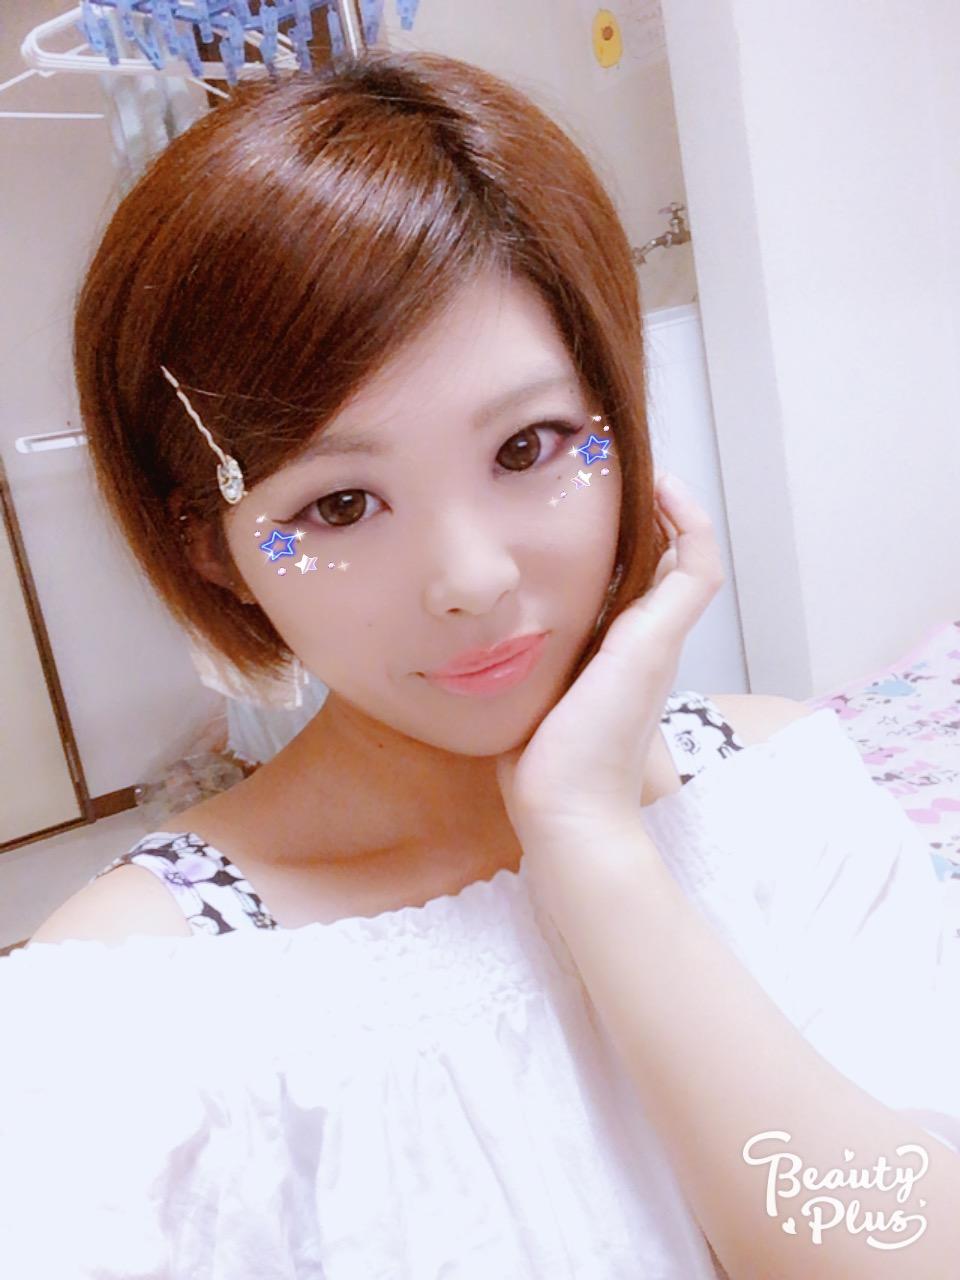 すず 06/29 00:11 ♪(о ̄▽ ̄)/サンキュ-